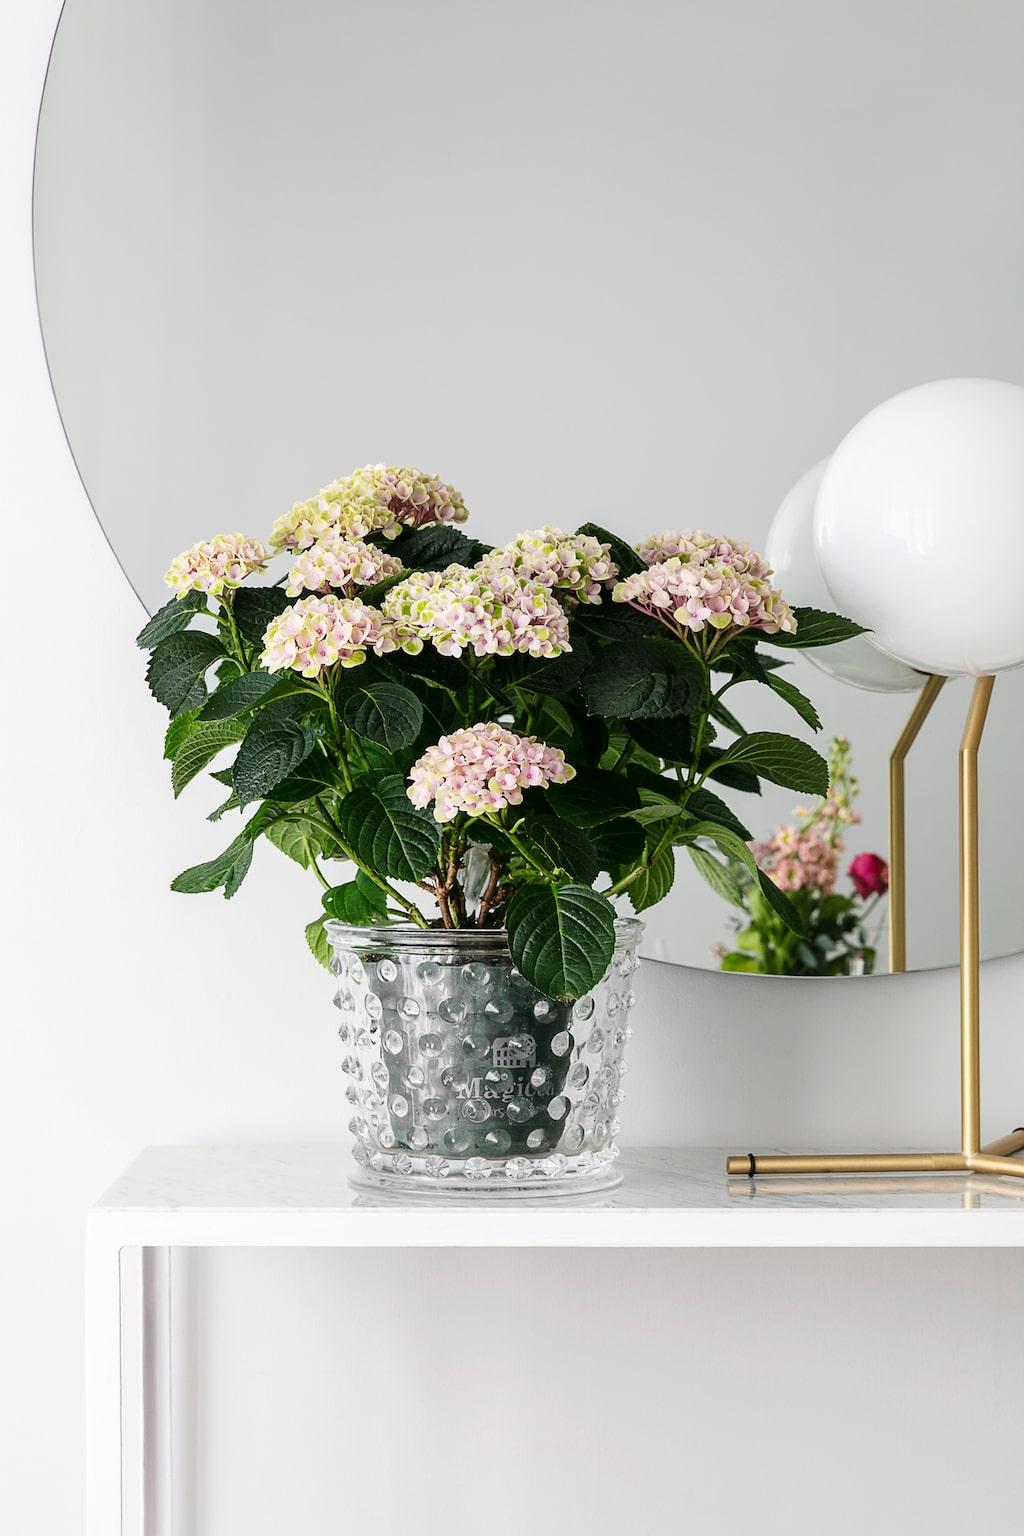 Skandinavisk design och rena linjer är vad som gäller för familjen Nilsson Borg. Krukan är Svenskt Tenns klassiska Hortus. Bordslampan kommer från Flos.